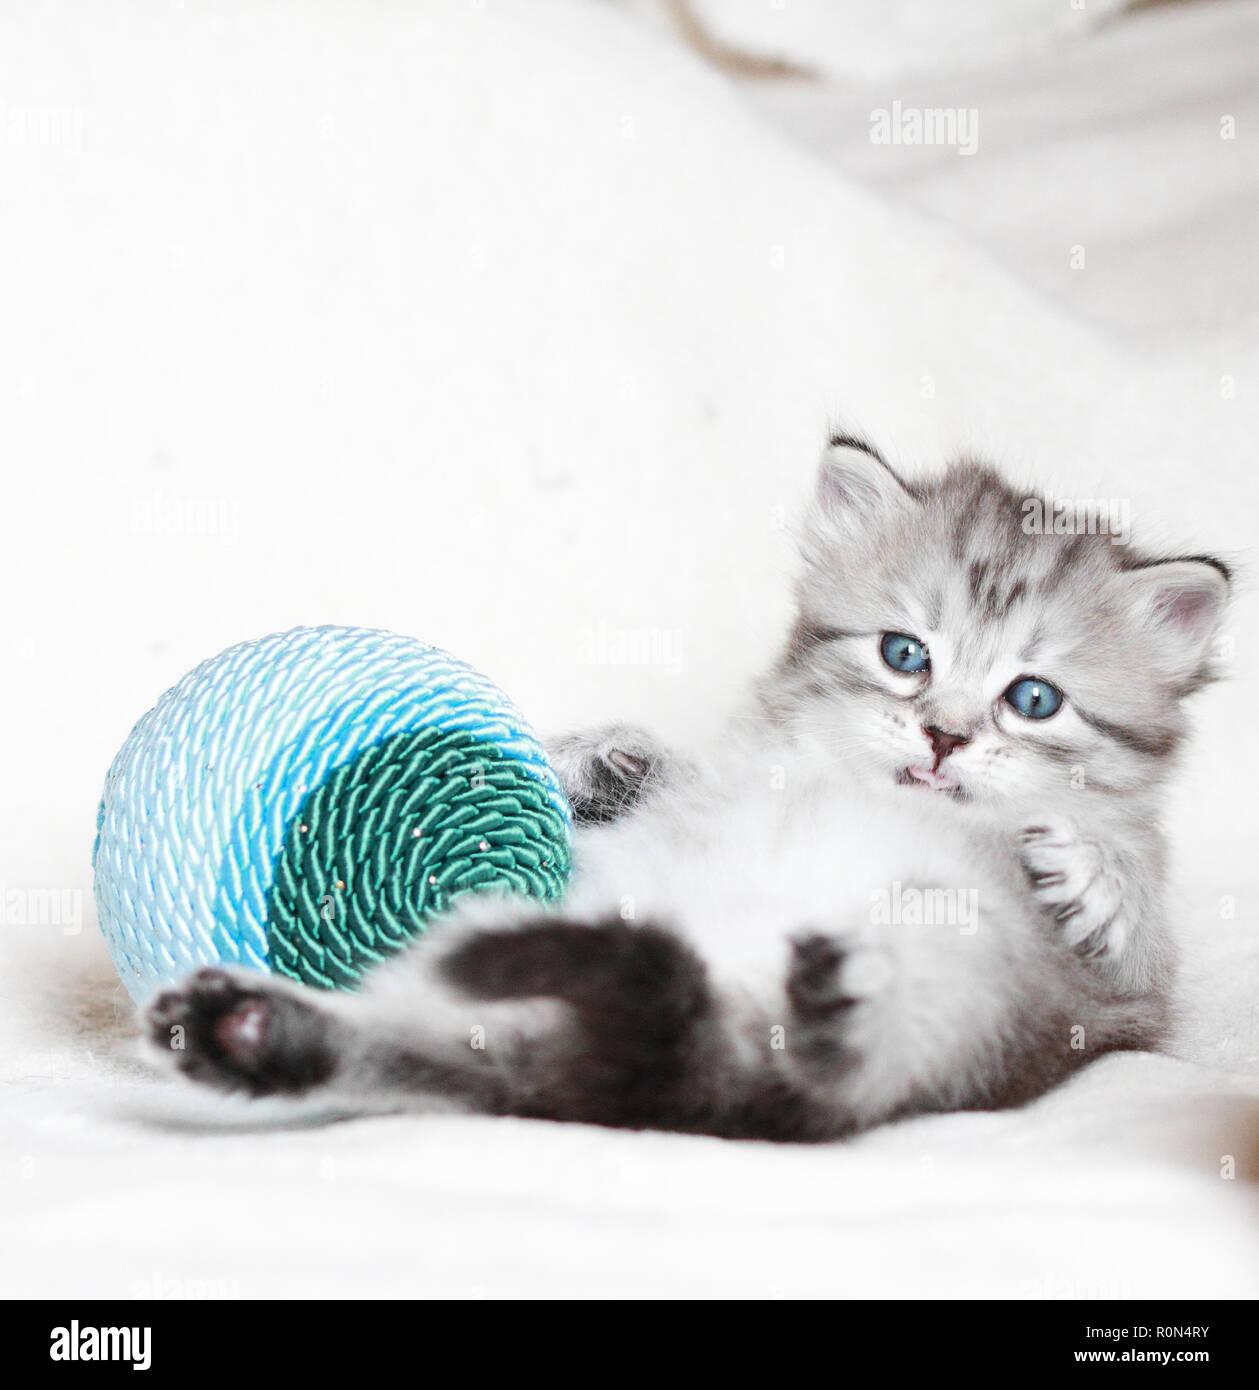 Chiot adorable chat dans le temps de Noël avec décoration Photo Stock